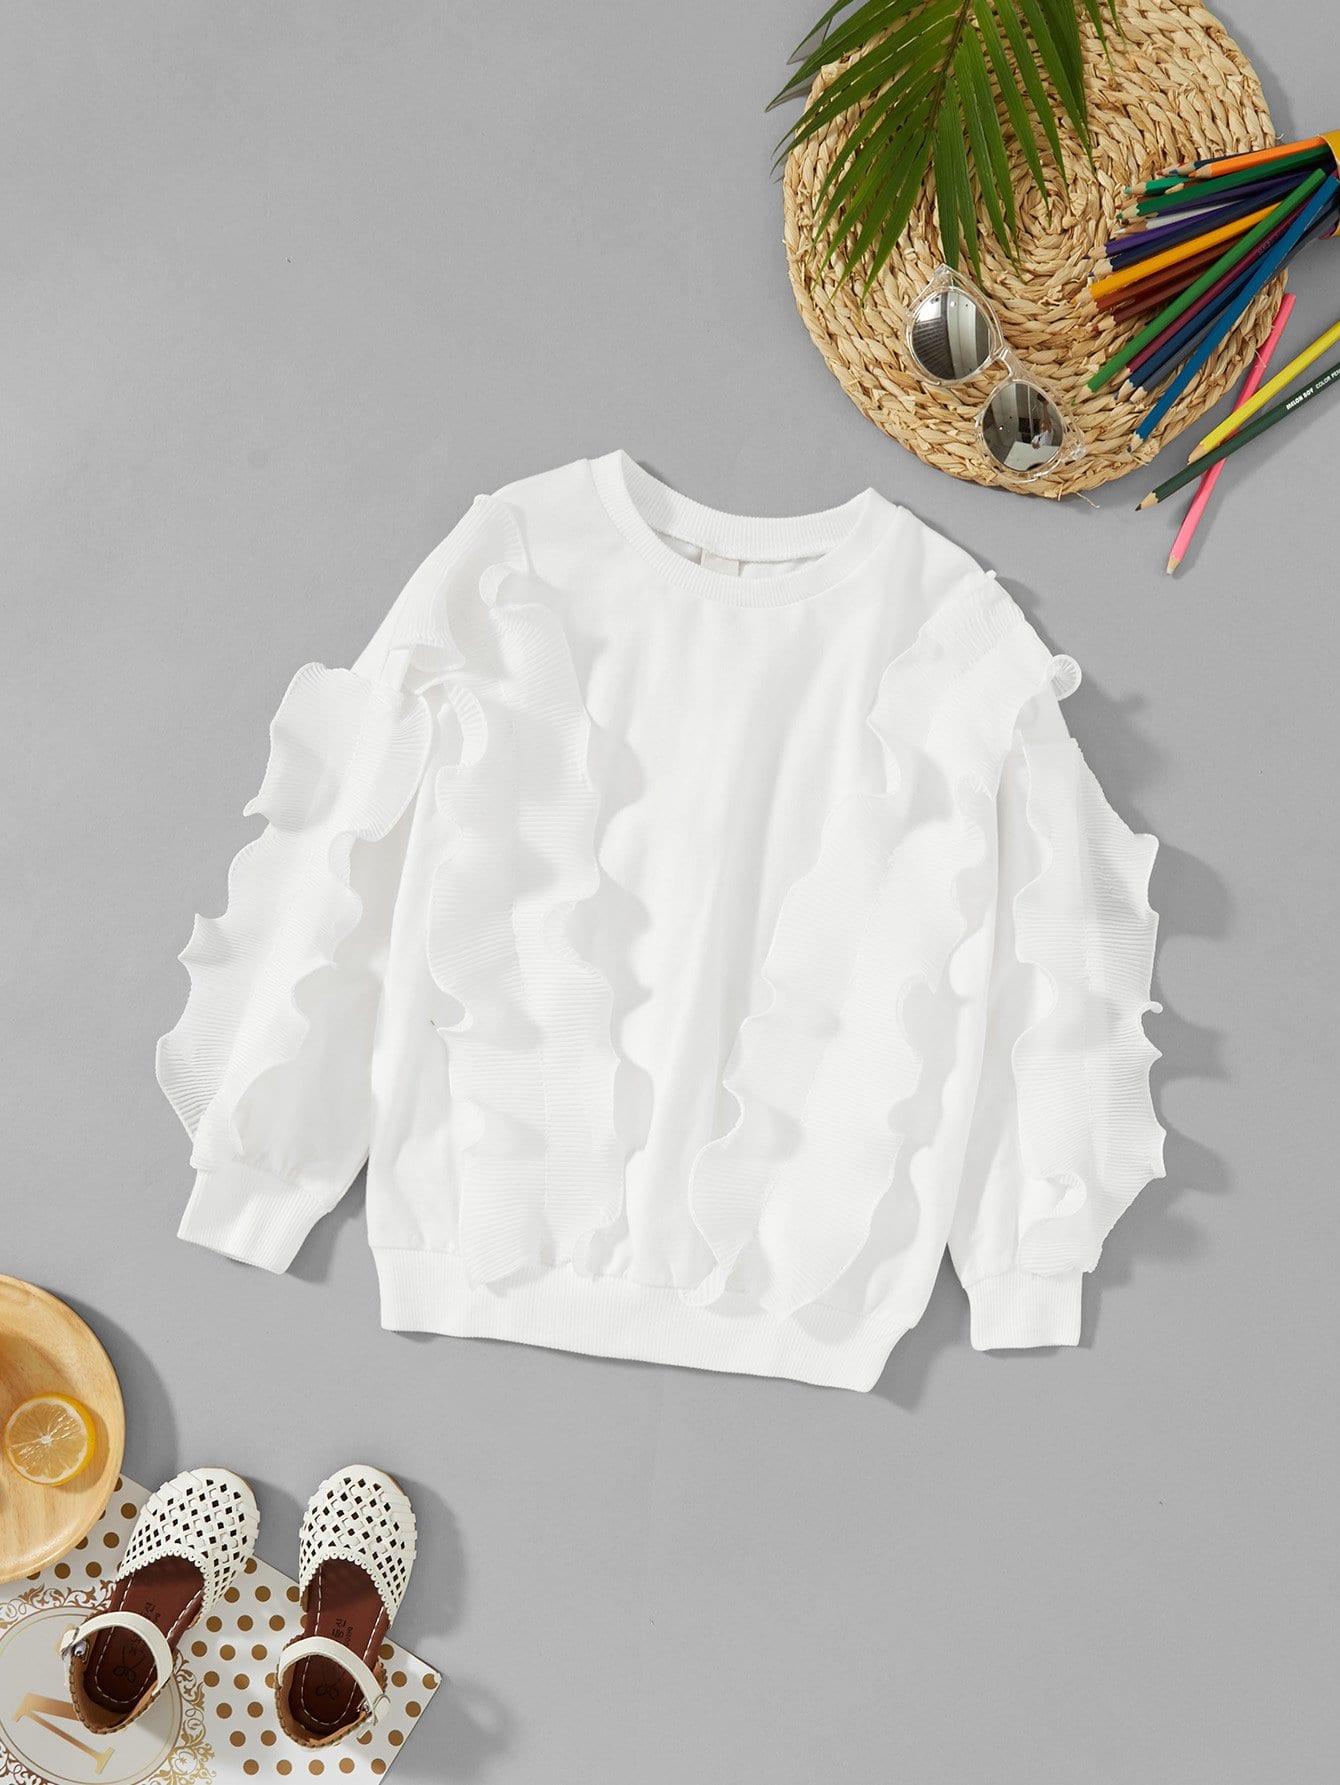 Купить Повседневный Ровный цвет Кайма Пуловеры Белый Свитшоты для девочек, null, SheIn